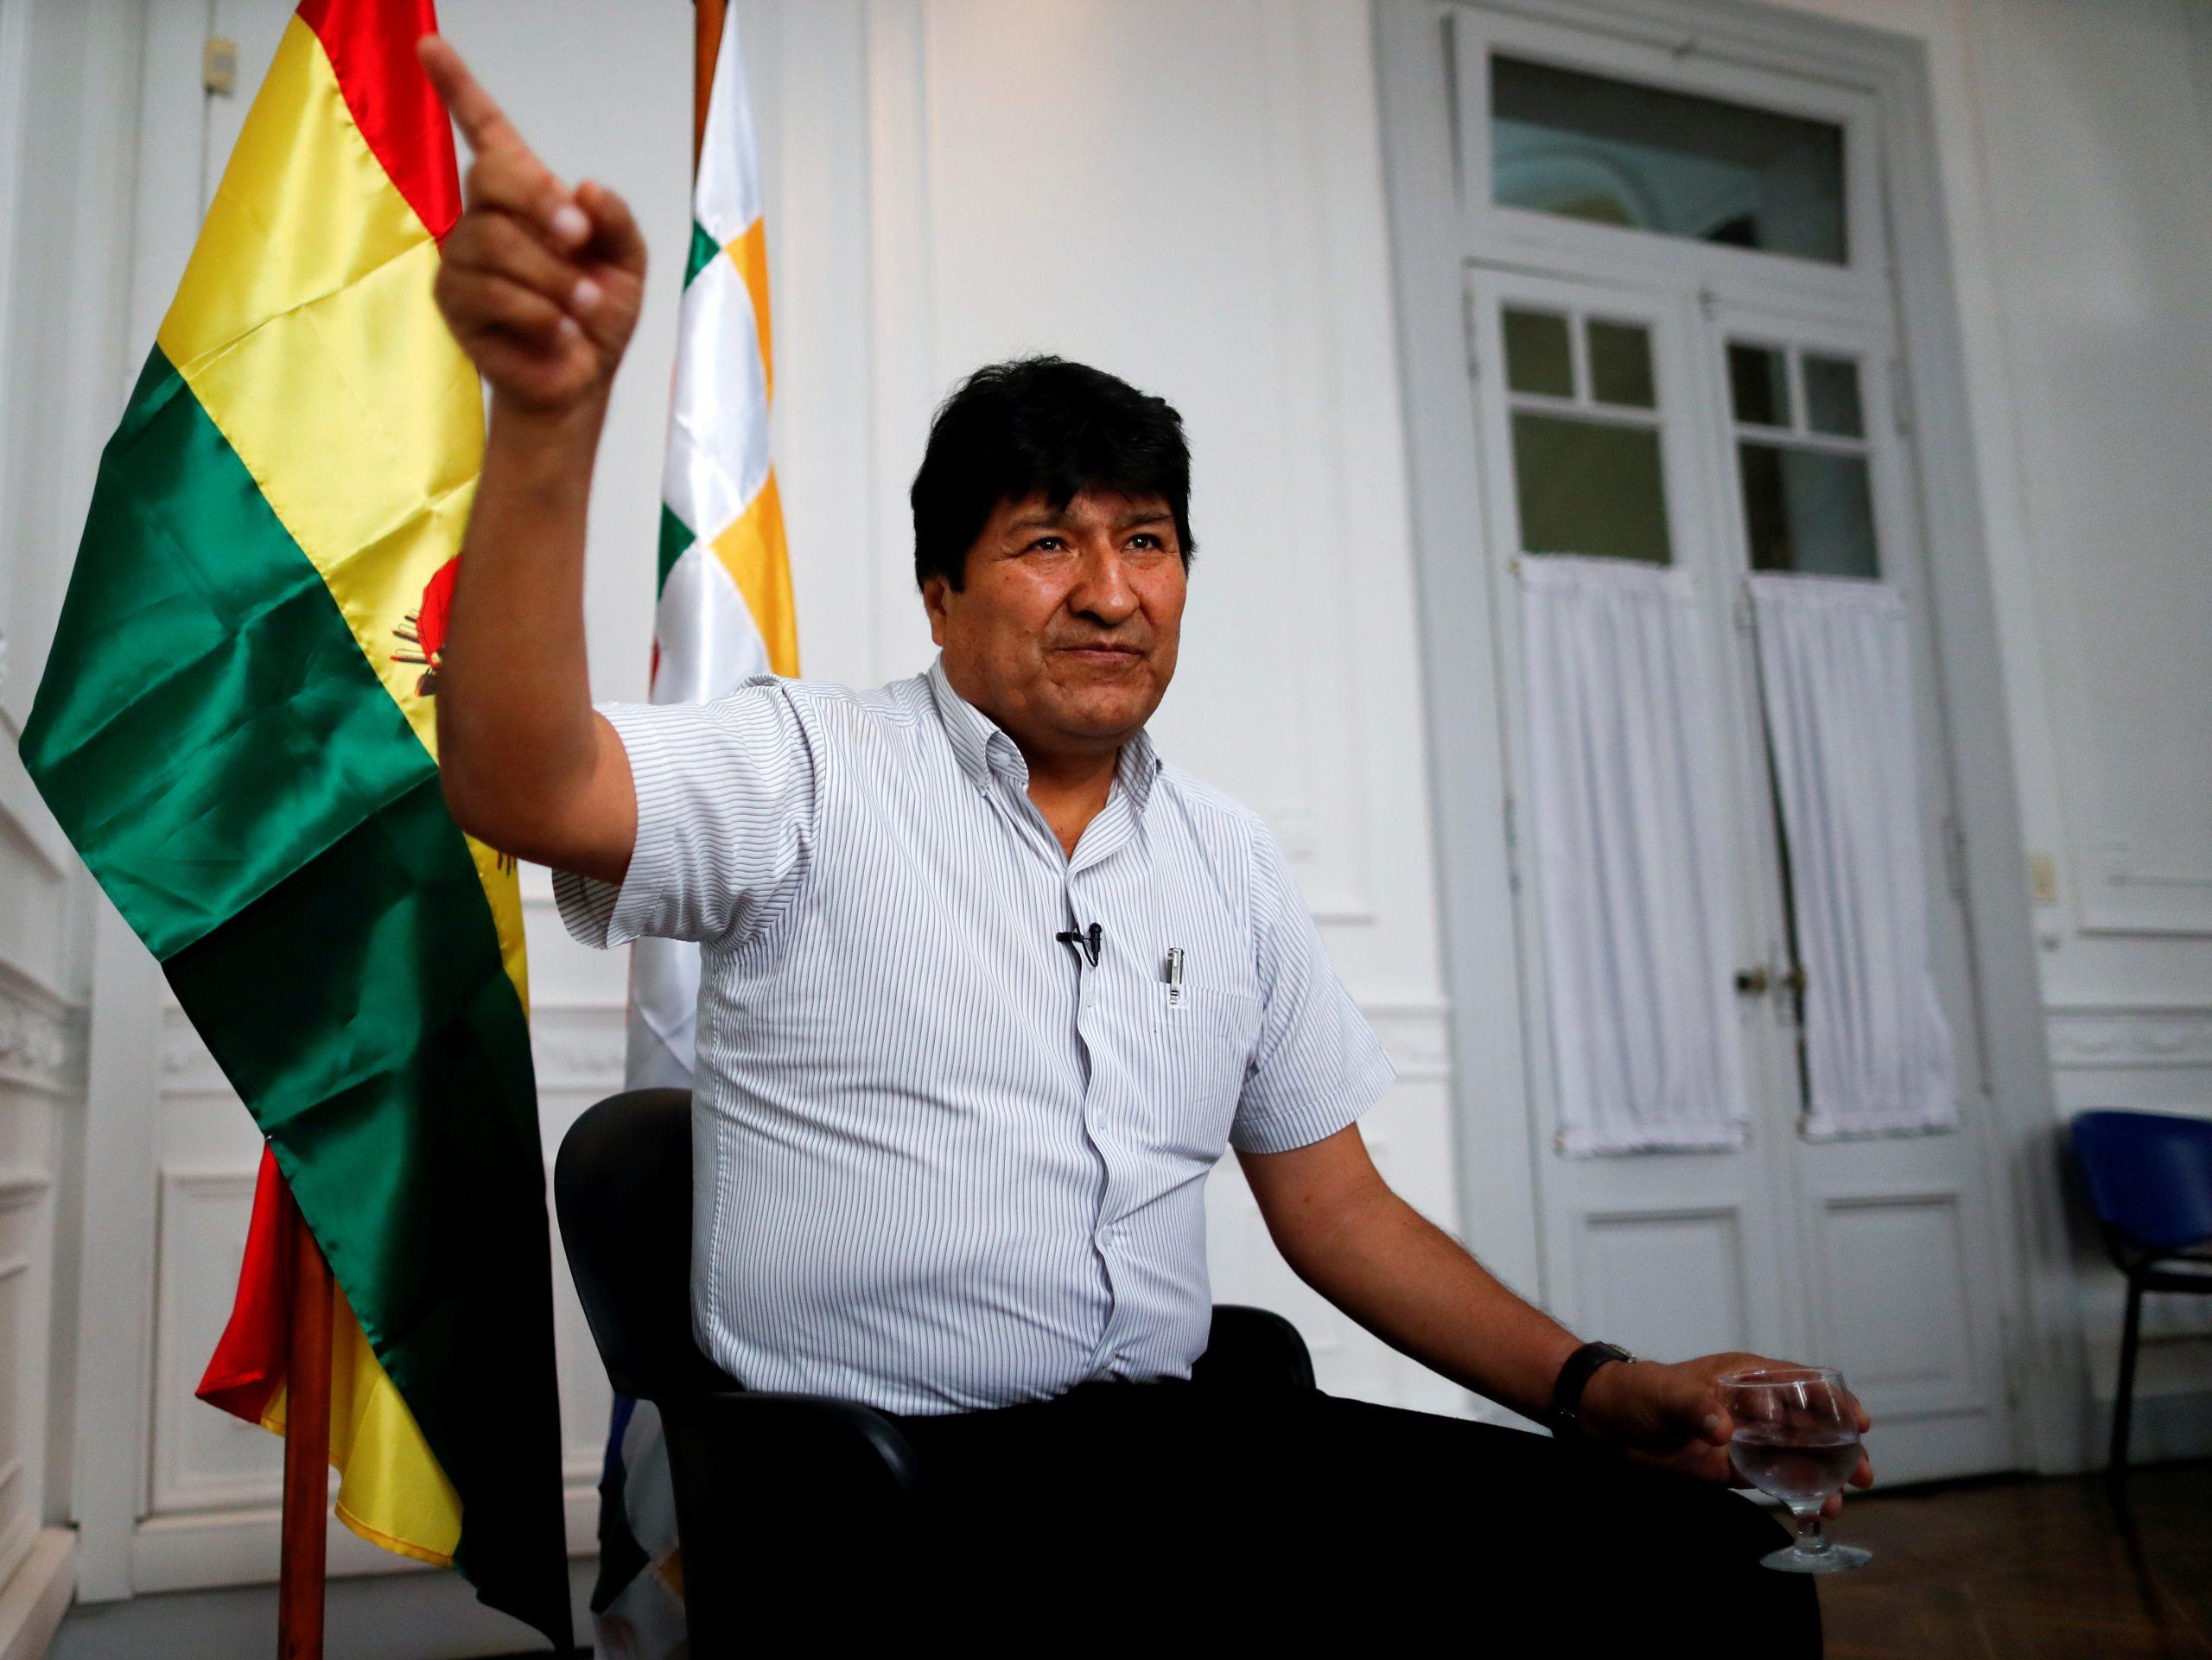 El expresidente de Bolivia, Evo Morales, hace gestos durante una entrevista con Reuters en Buenos Aires, Argentina, el 2 de marzo de 2020. Reuters / Agustín Marcarian / foto de archivo